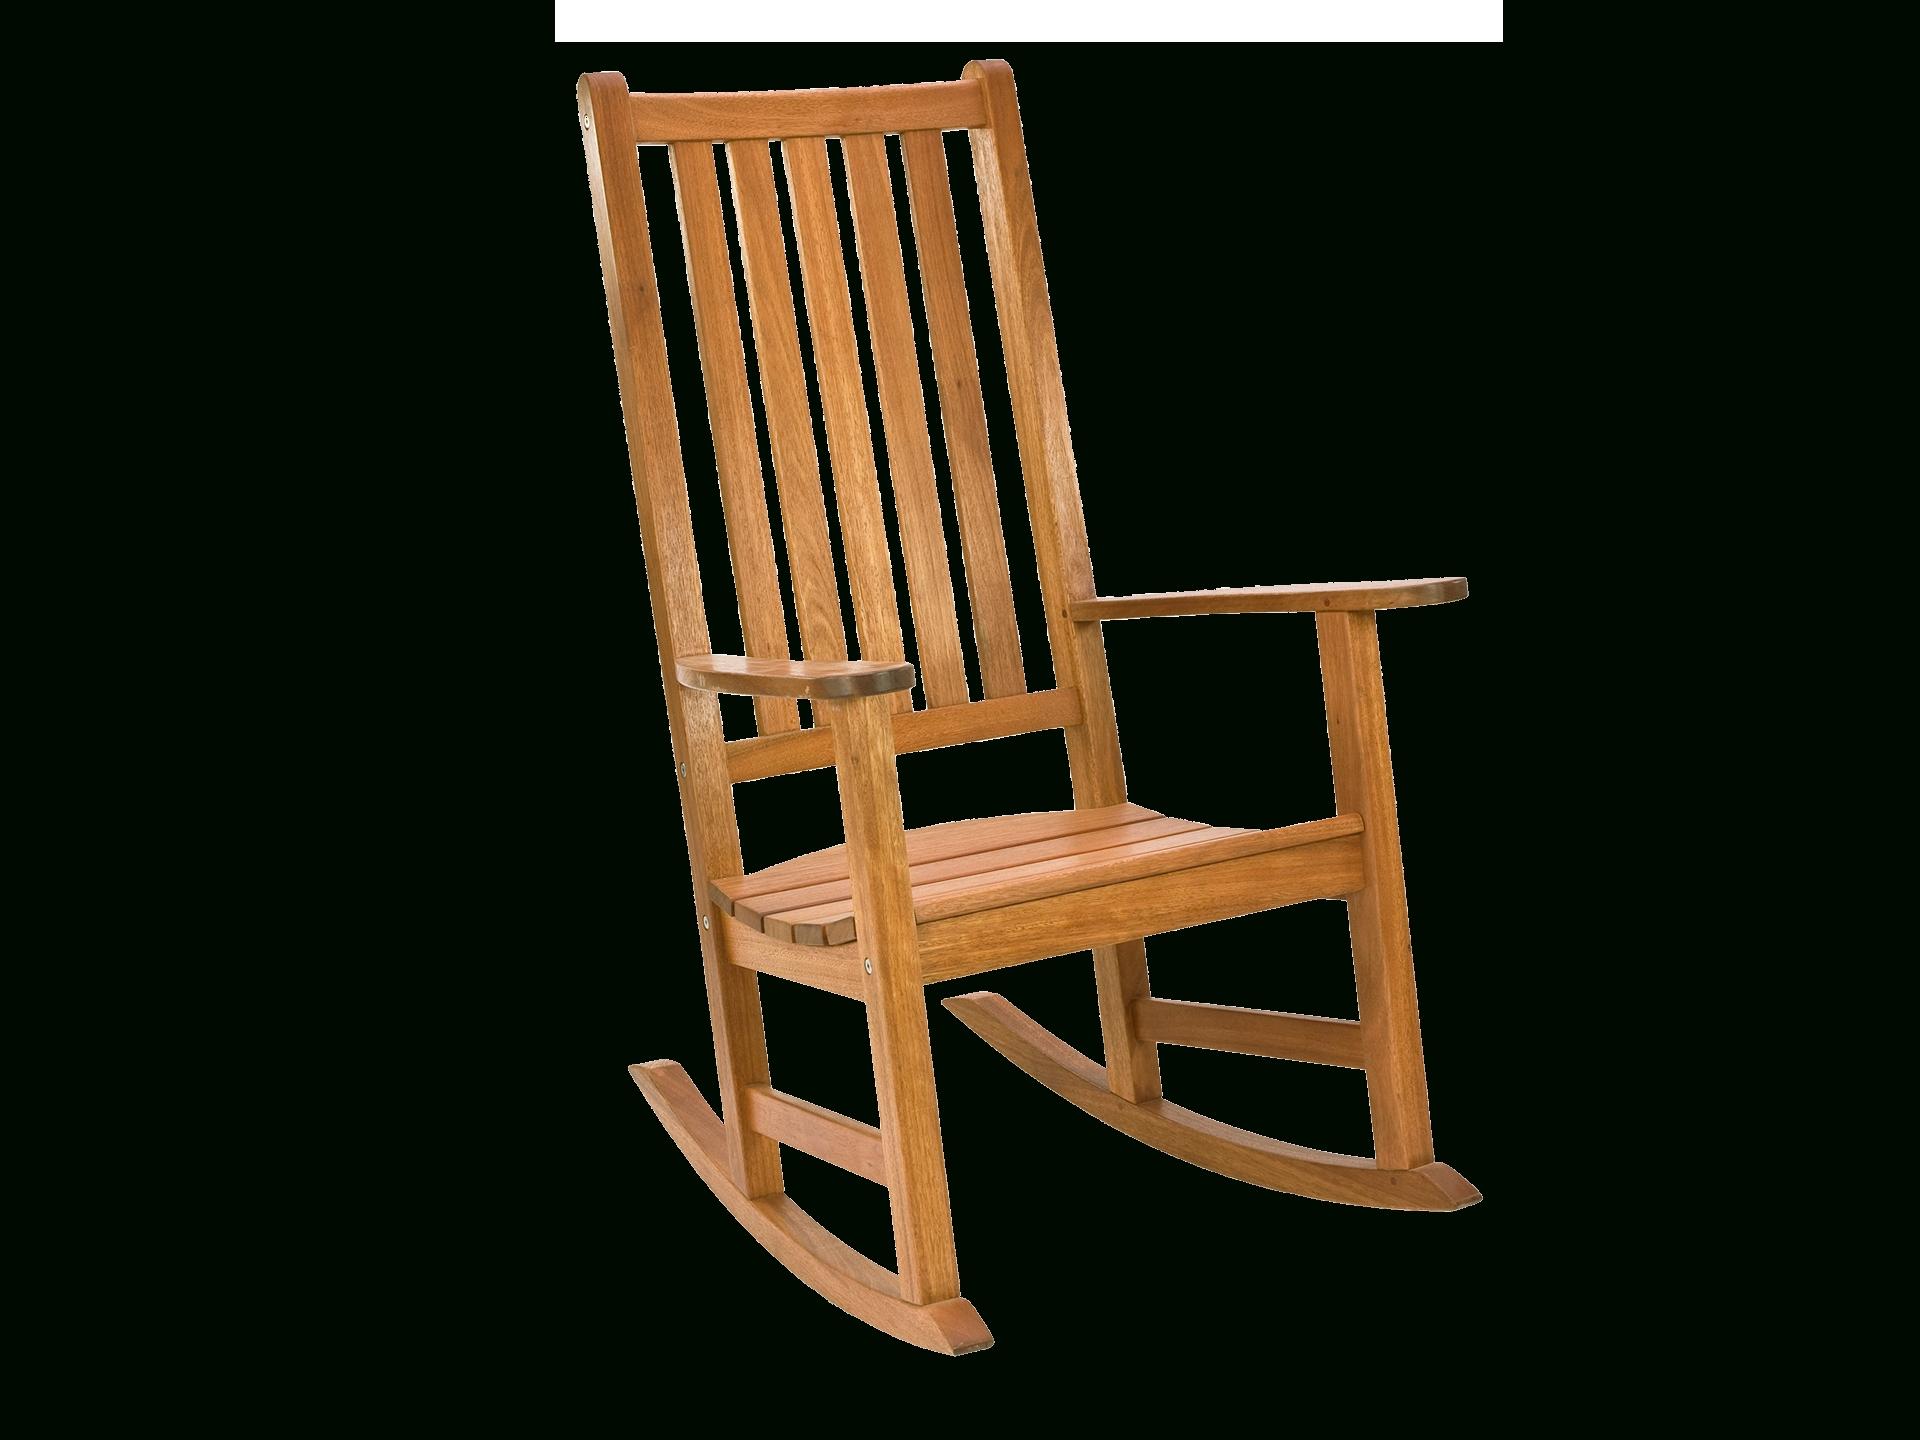 Stunning Rocking Chair Rose Images – Joshkrajcik – Joshkrajcik Regarding Well Known Rocking Chairs At Roses (View 8 of 20)